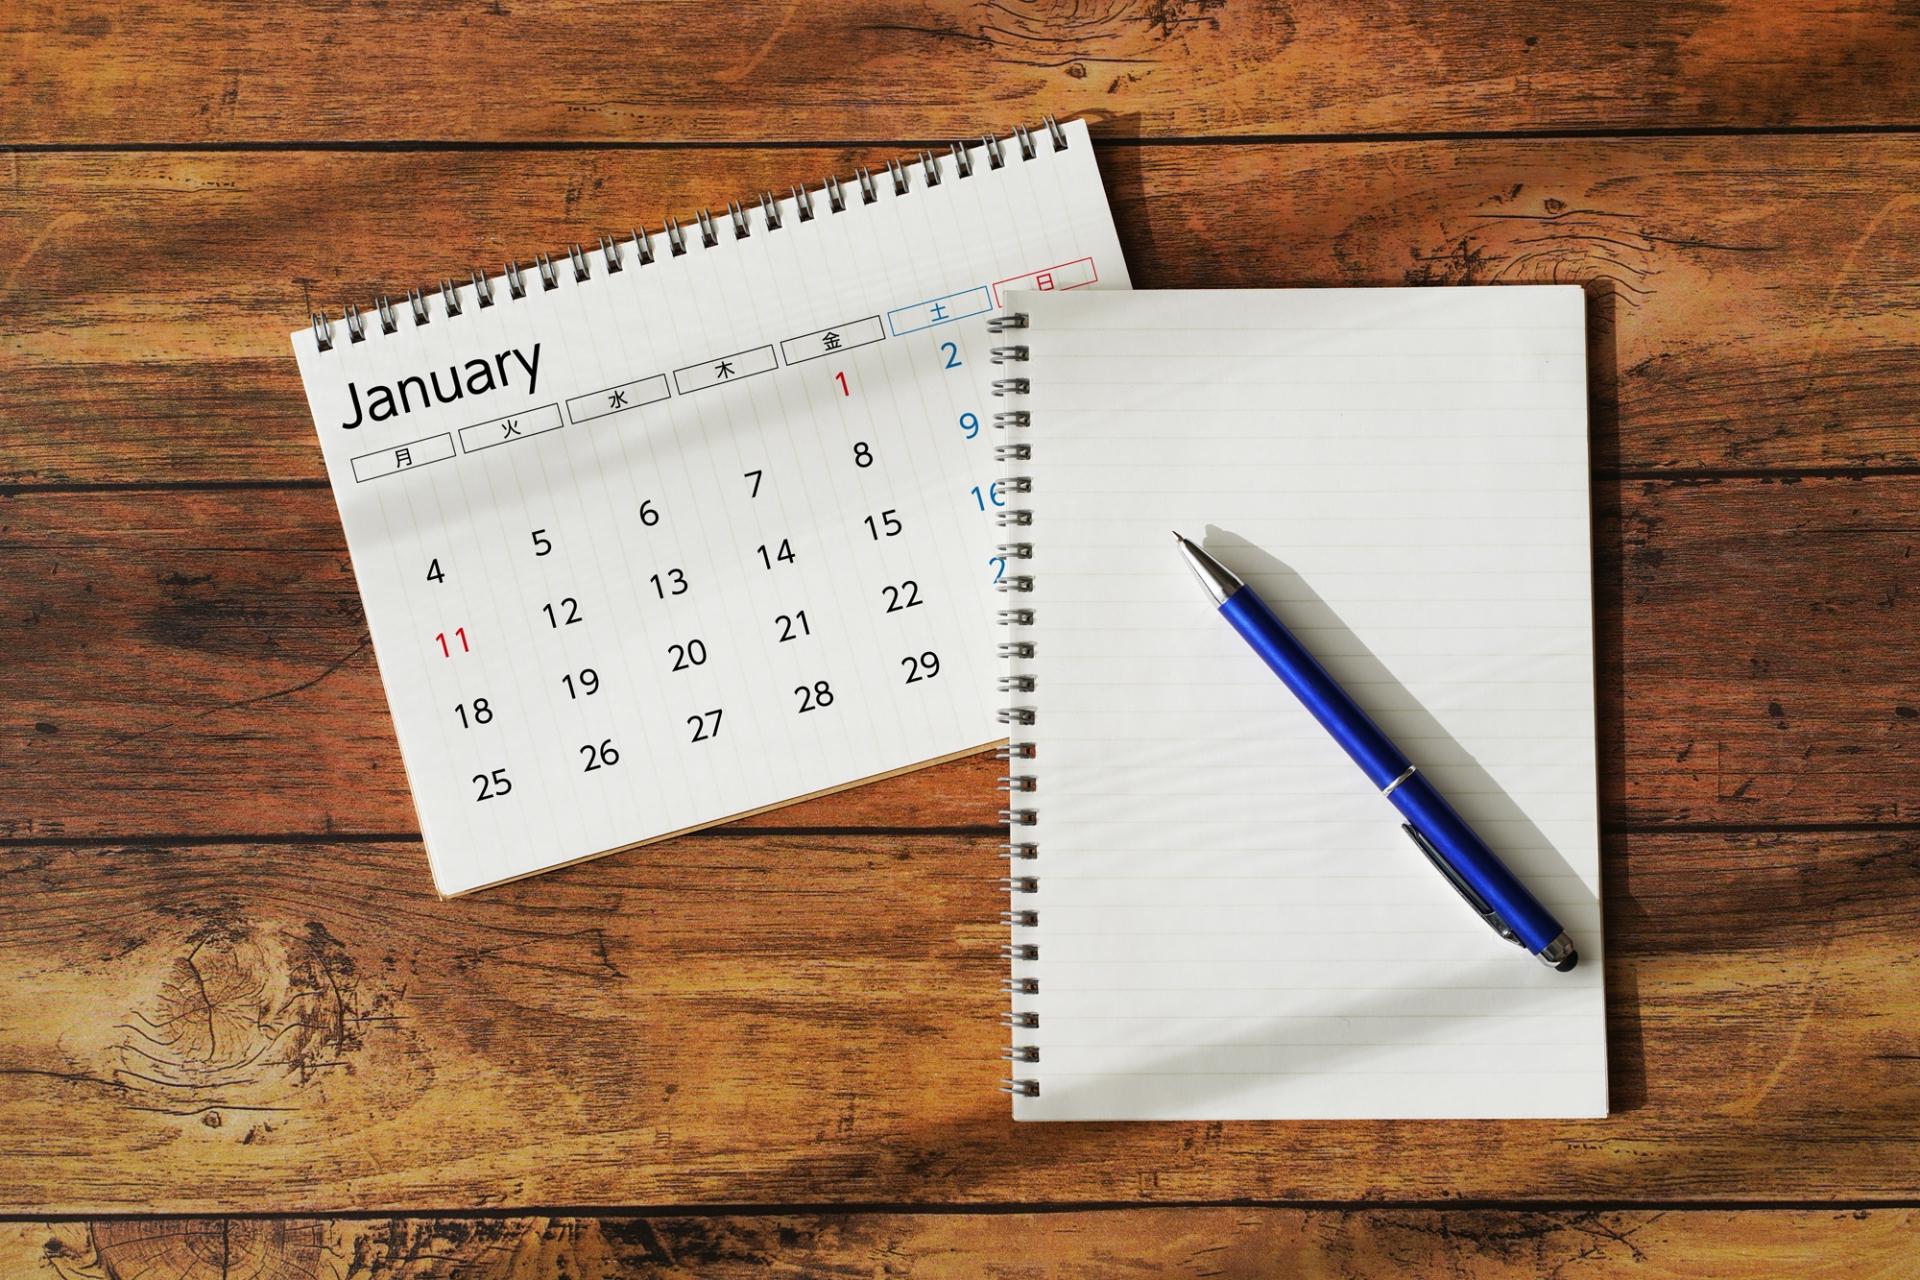 ノートとカレンダーの写真